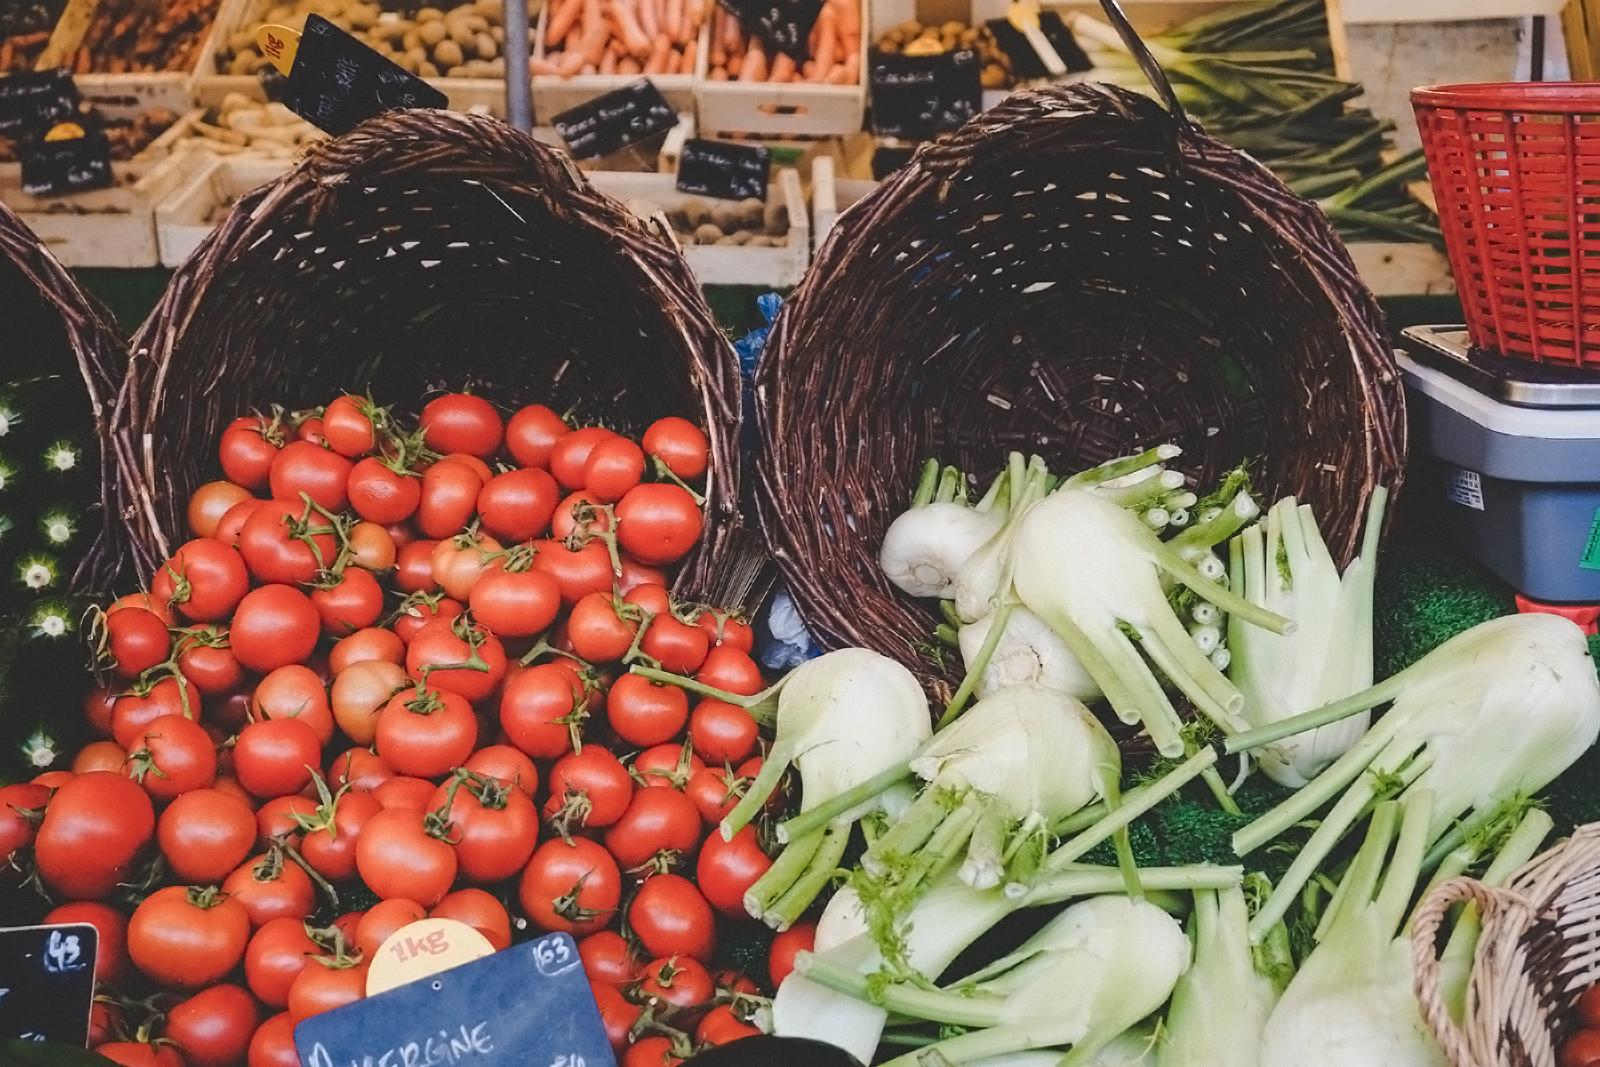 Onst und Gemüse an einem Lebensmittelstand